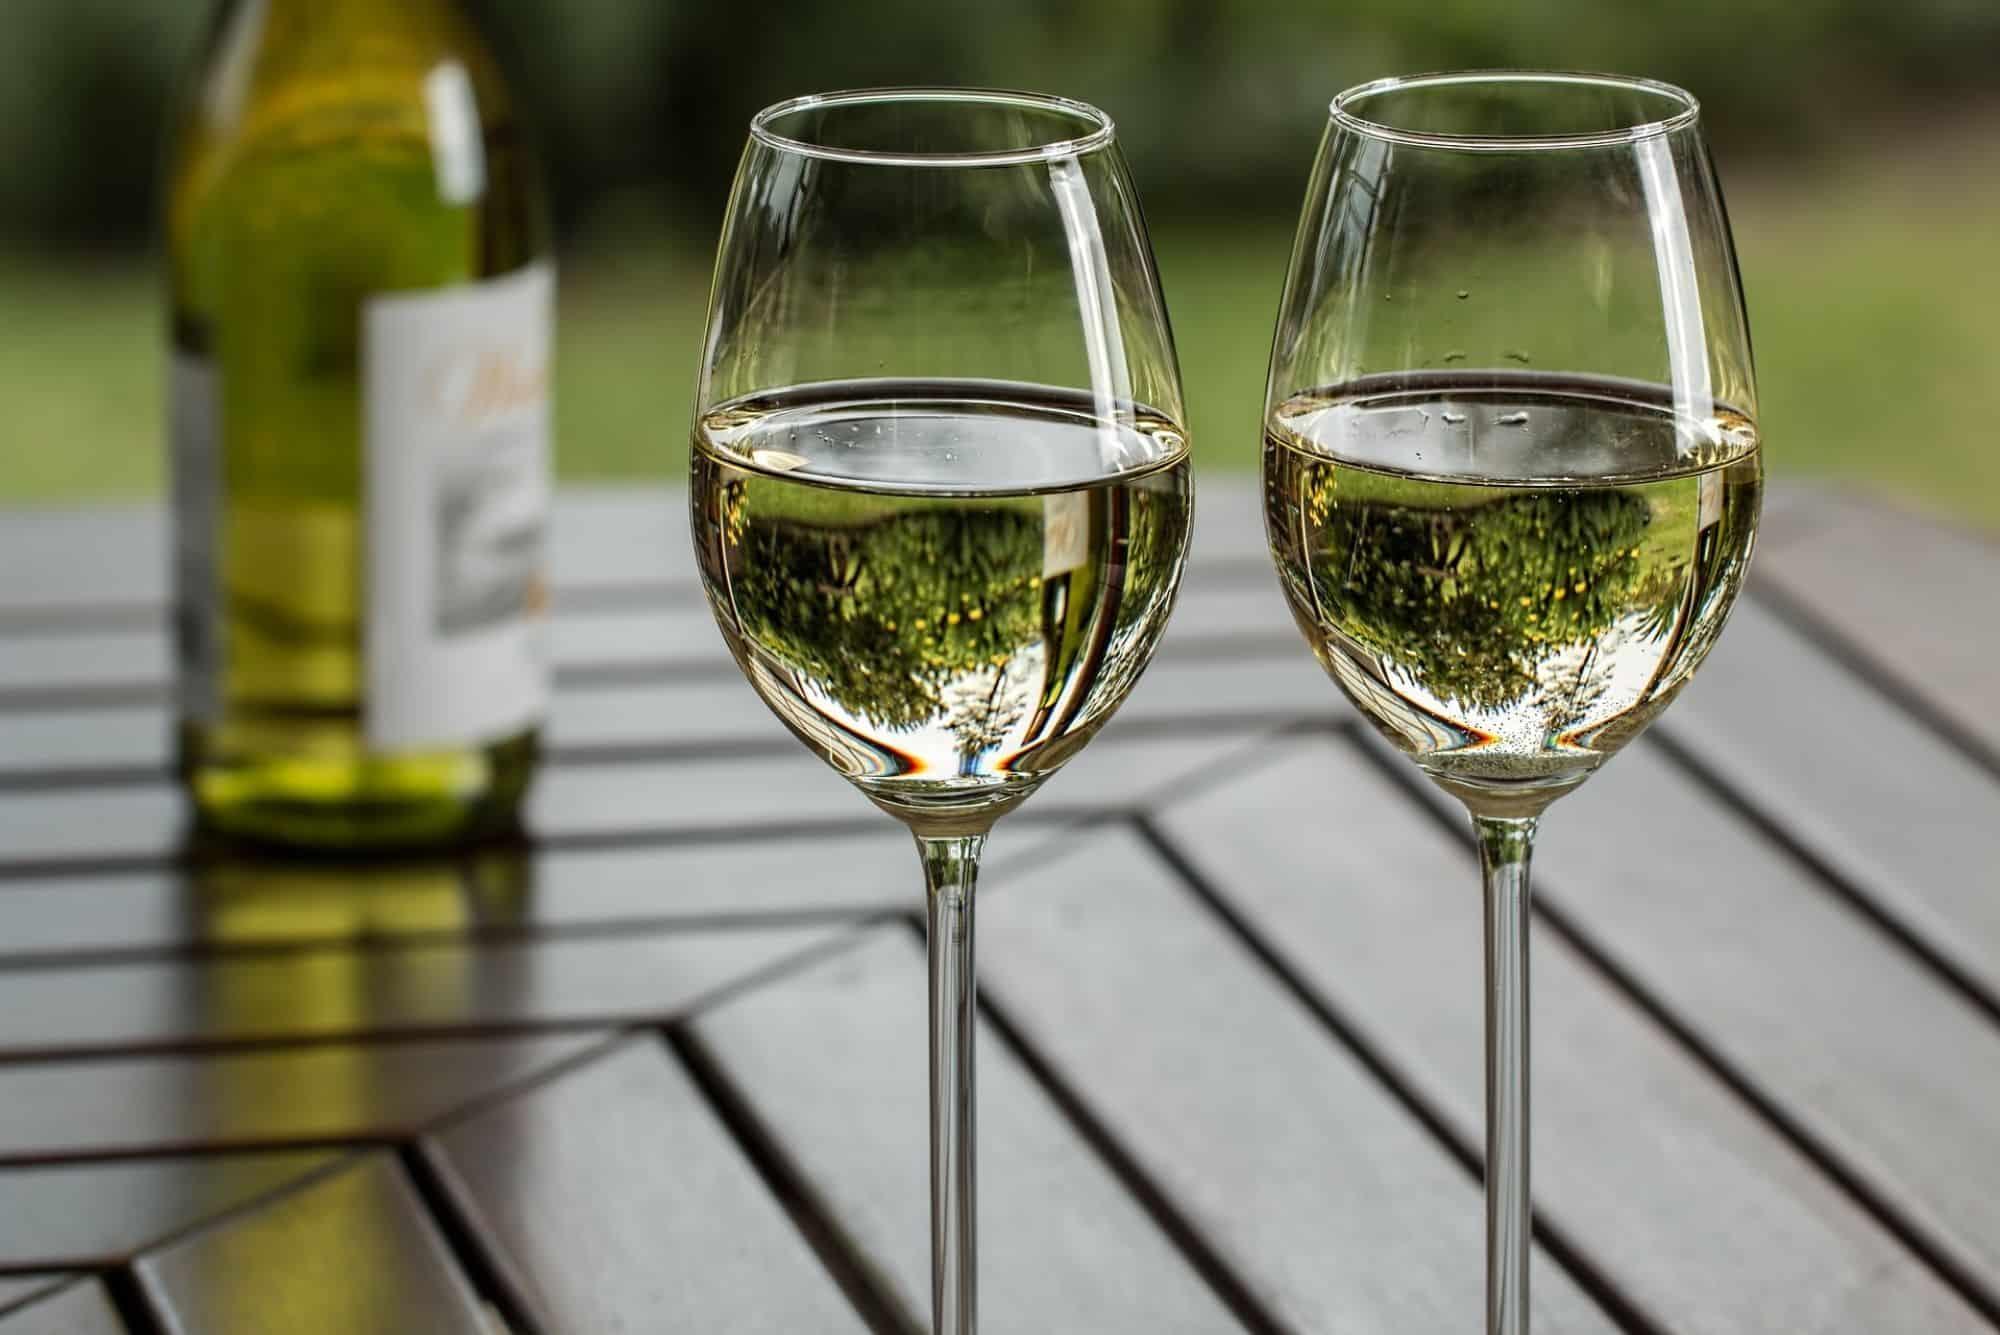 vini campani bianchi